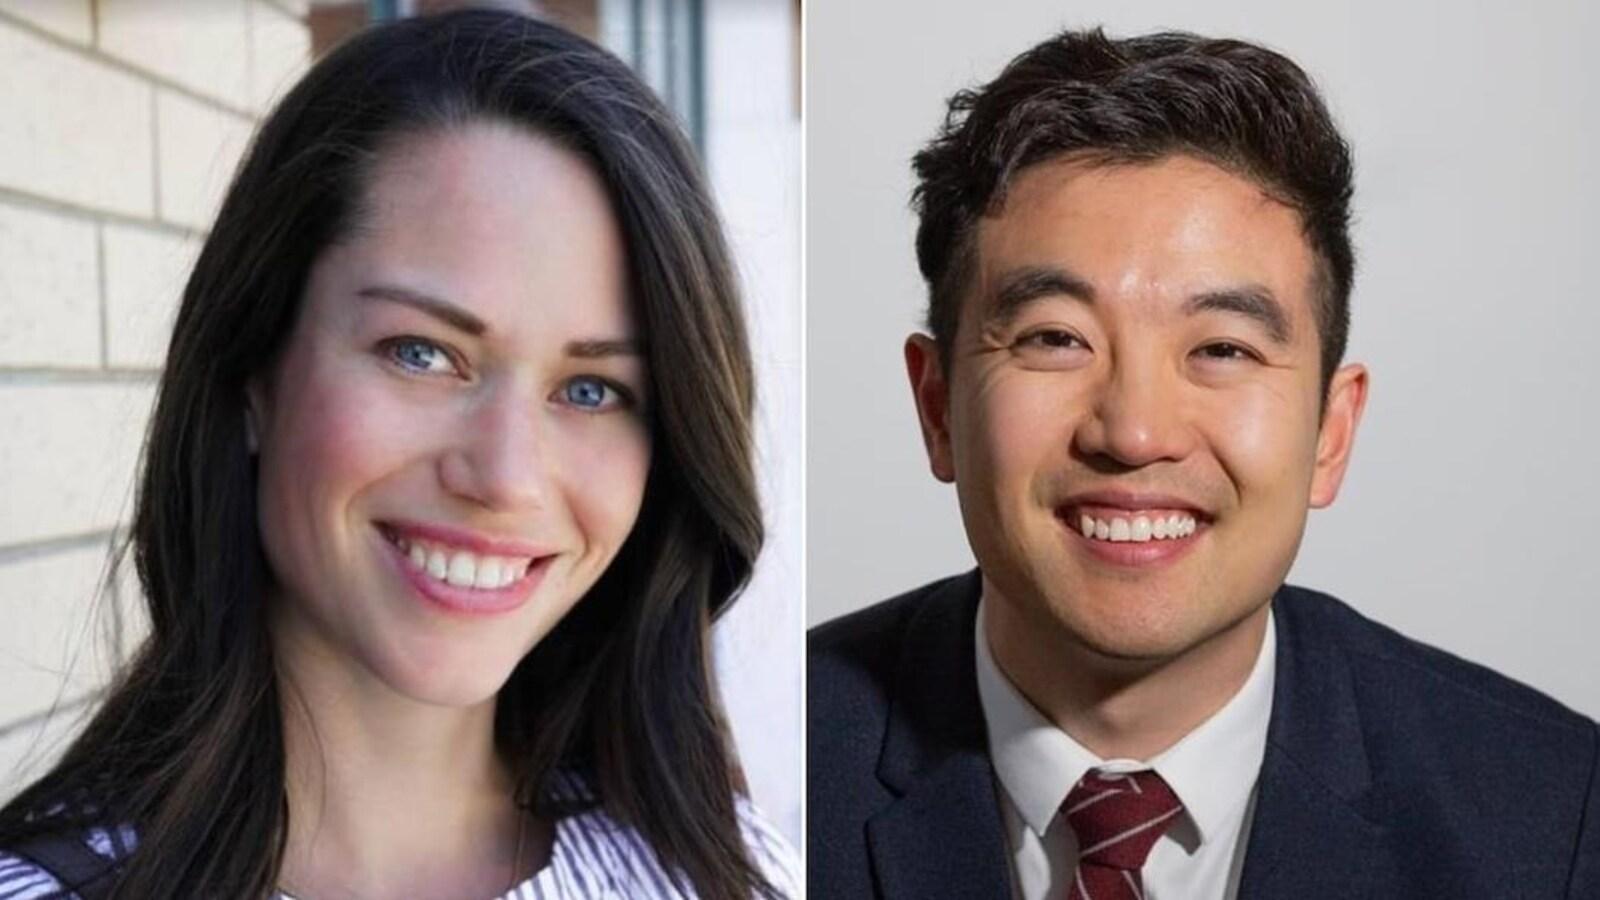 Un montage photo. À gauche, le portrait d'une femme blanche, brune avec des yeux bleus. À droite, le portrait d'un homme d'origine asiatique avec des cheveux et des yeux noirs. Les deux personnes sourient.